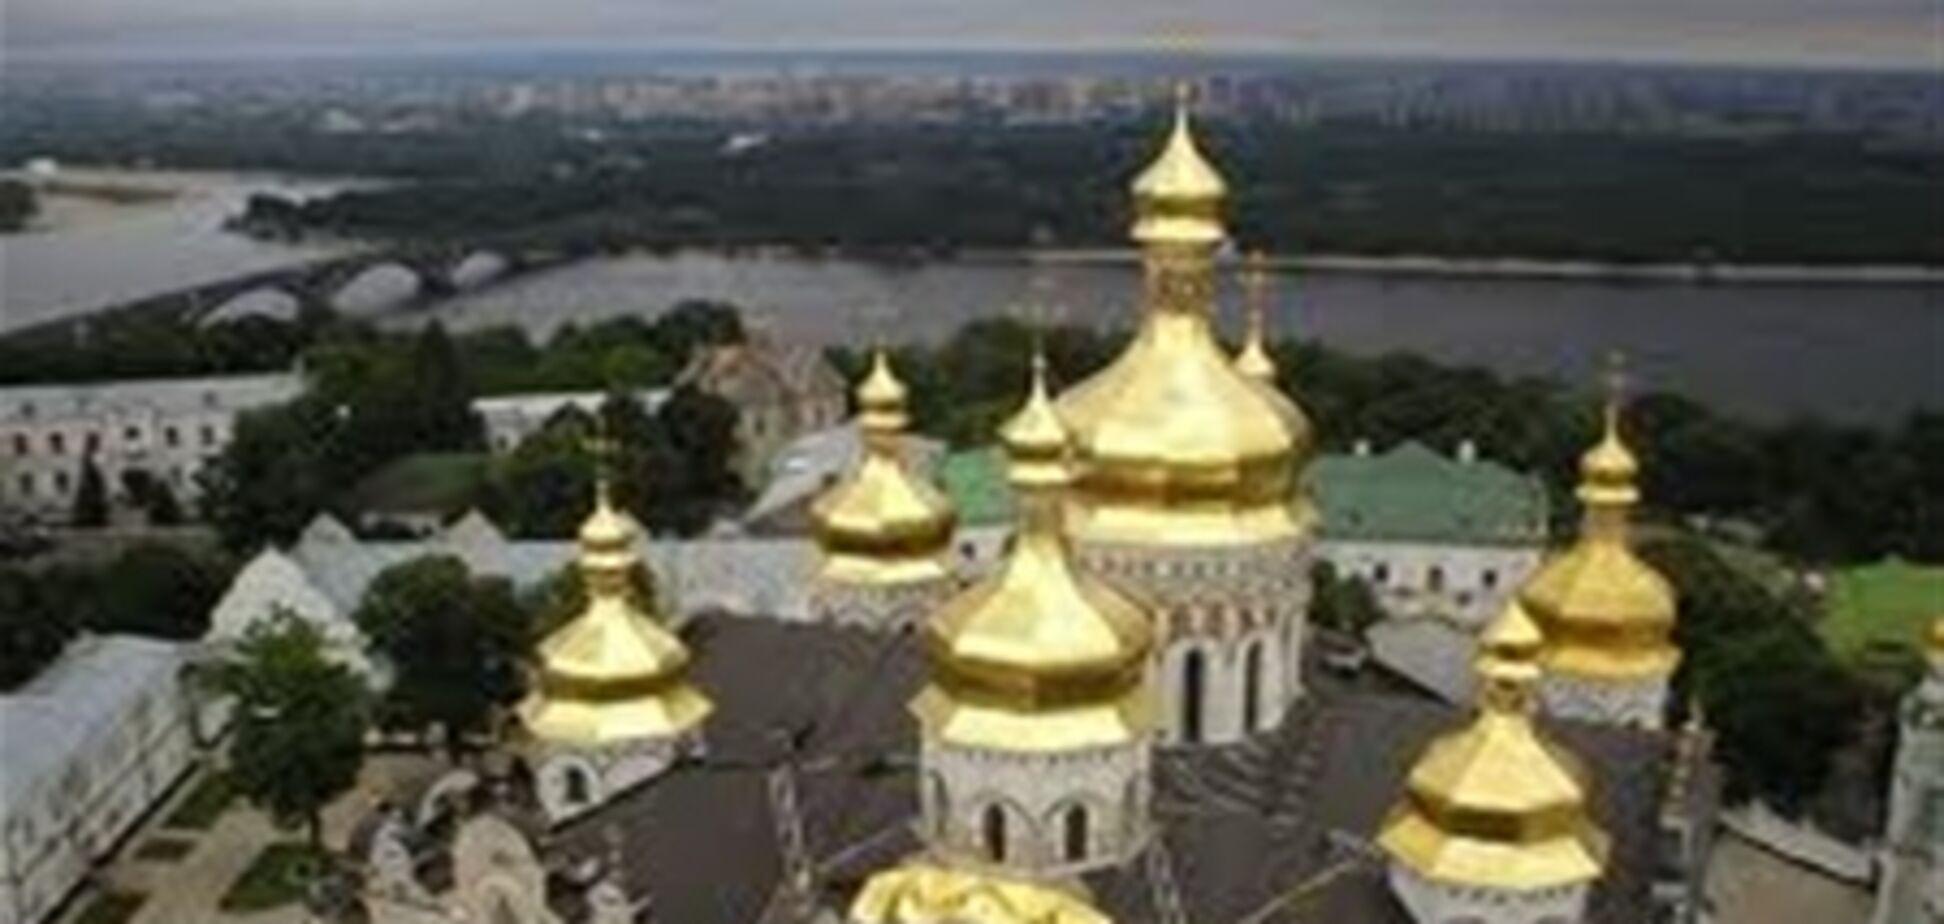 ОБОЗ.TV: Настоятель Печерской Лавры носит Vertu и проклинает прихожан. Видео